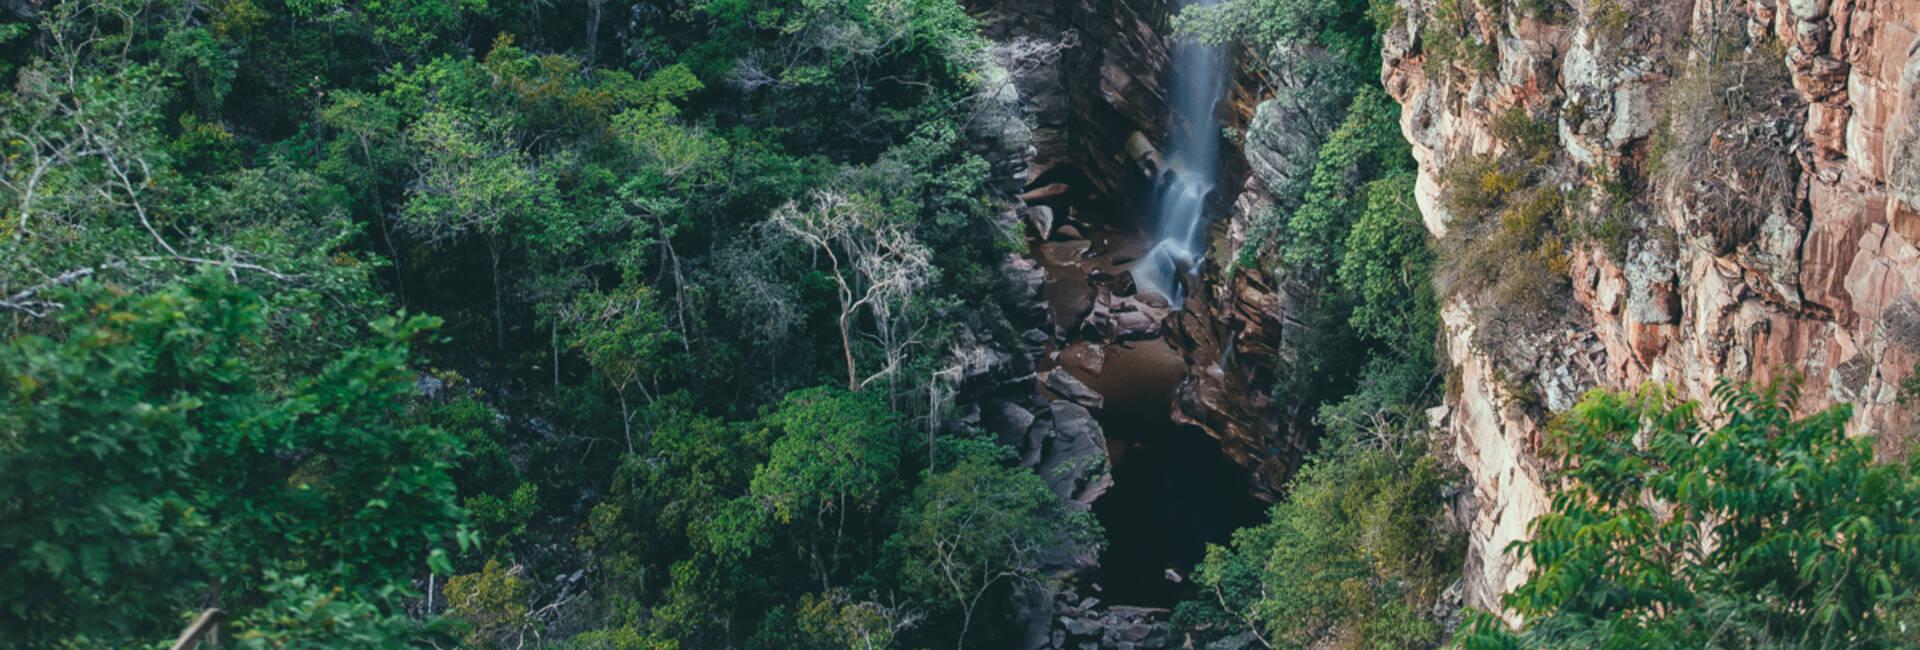 Viagens de Viagens pelo Brasil